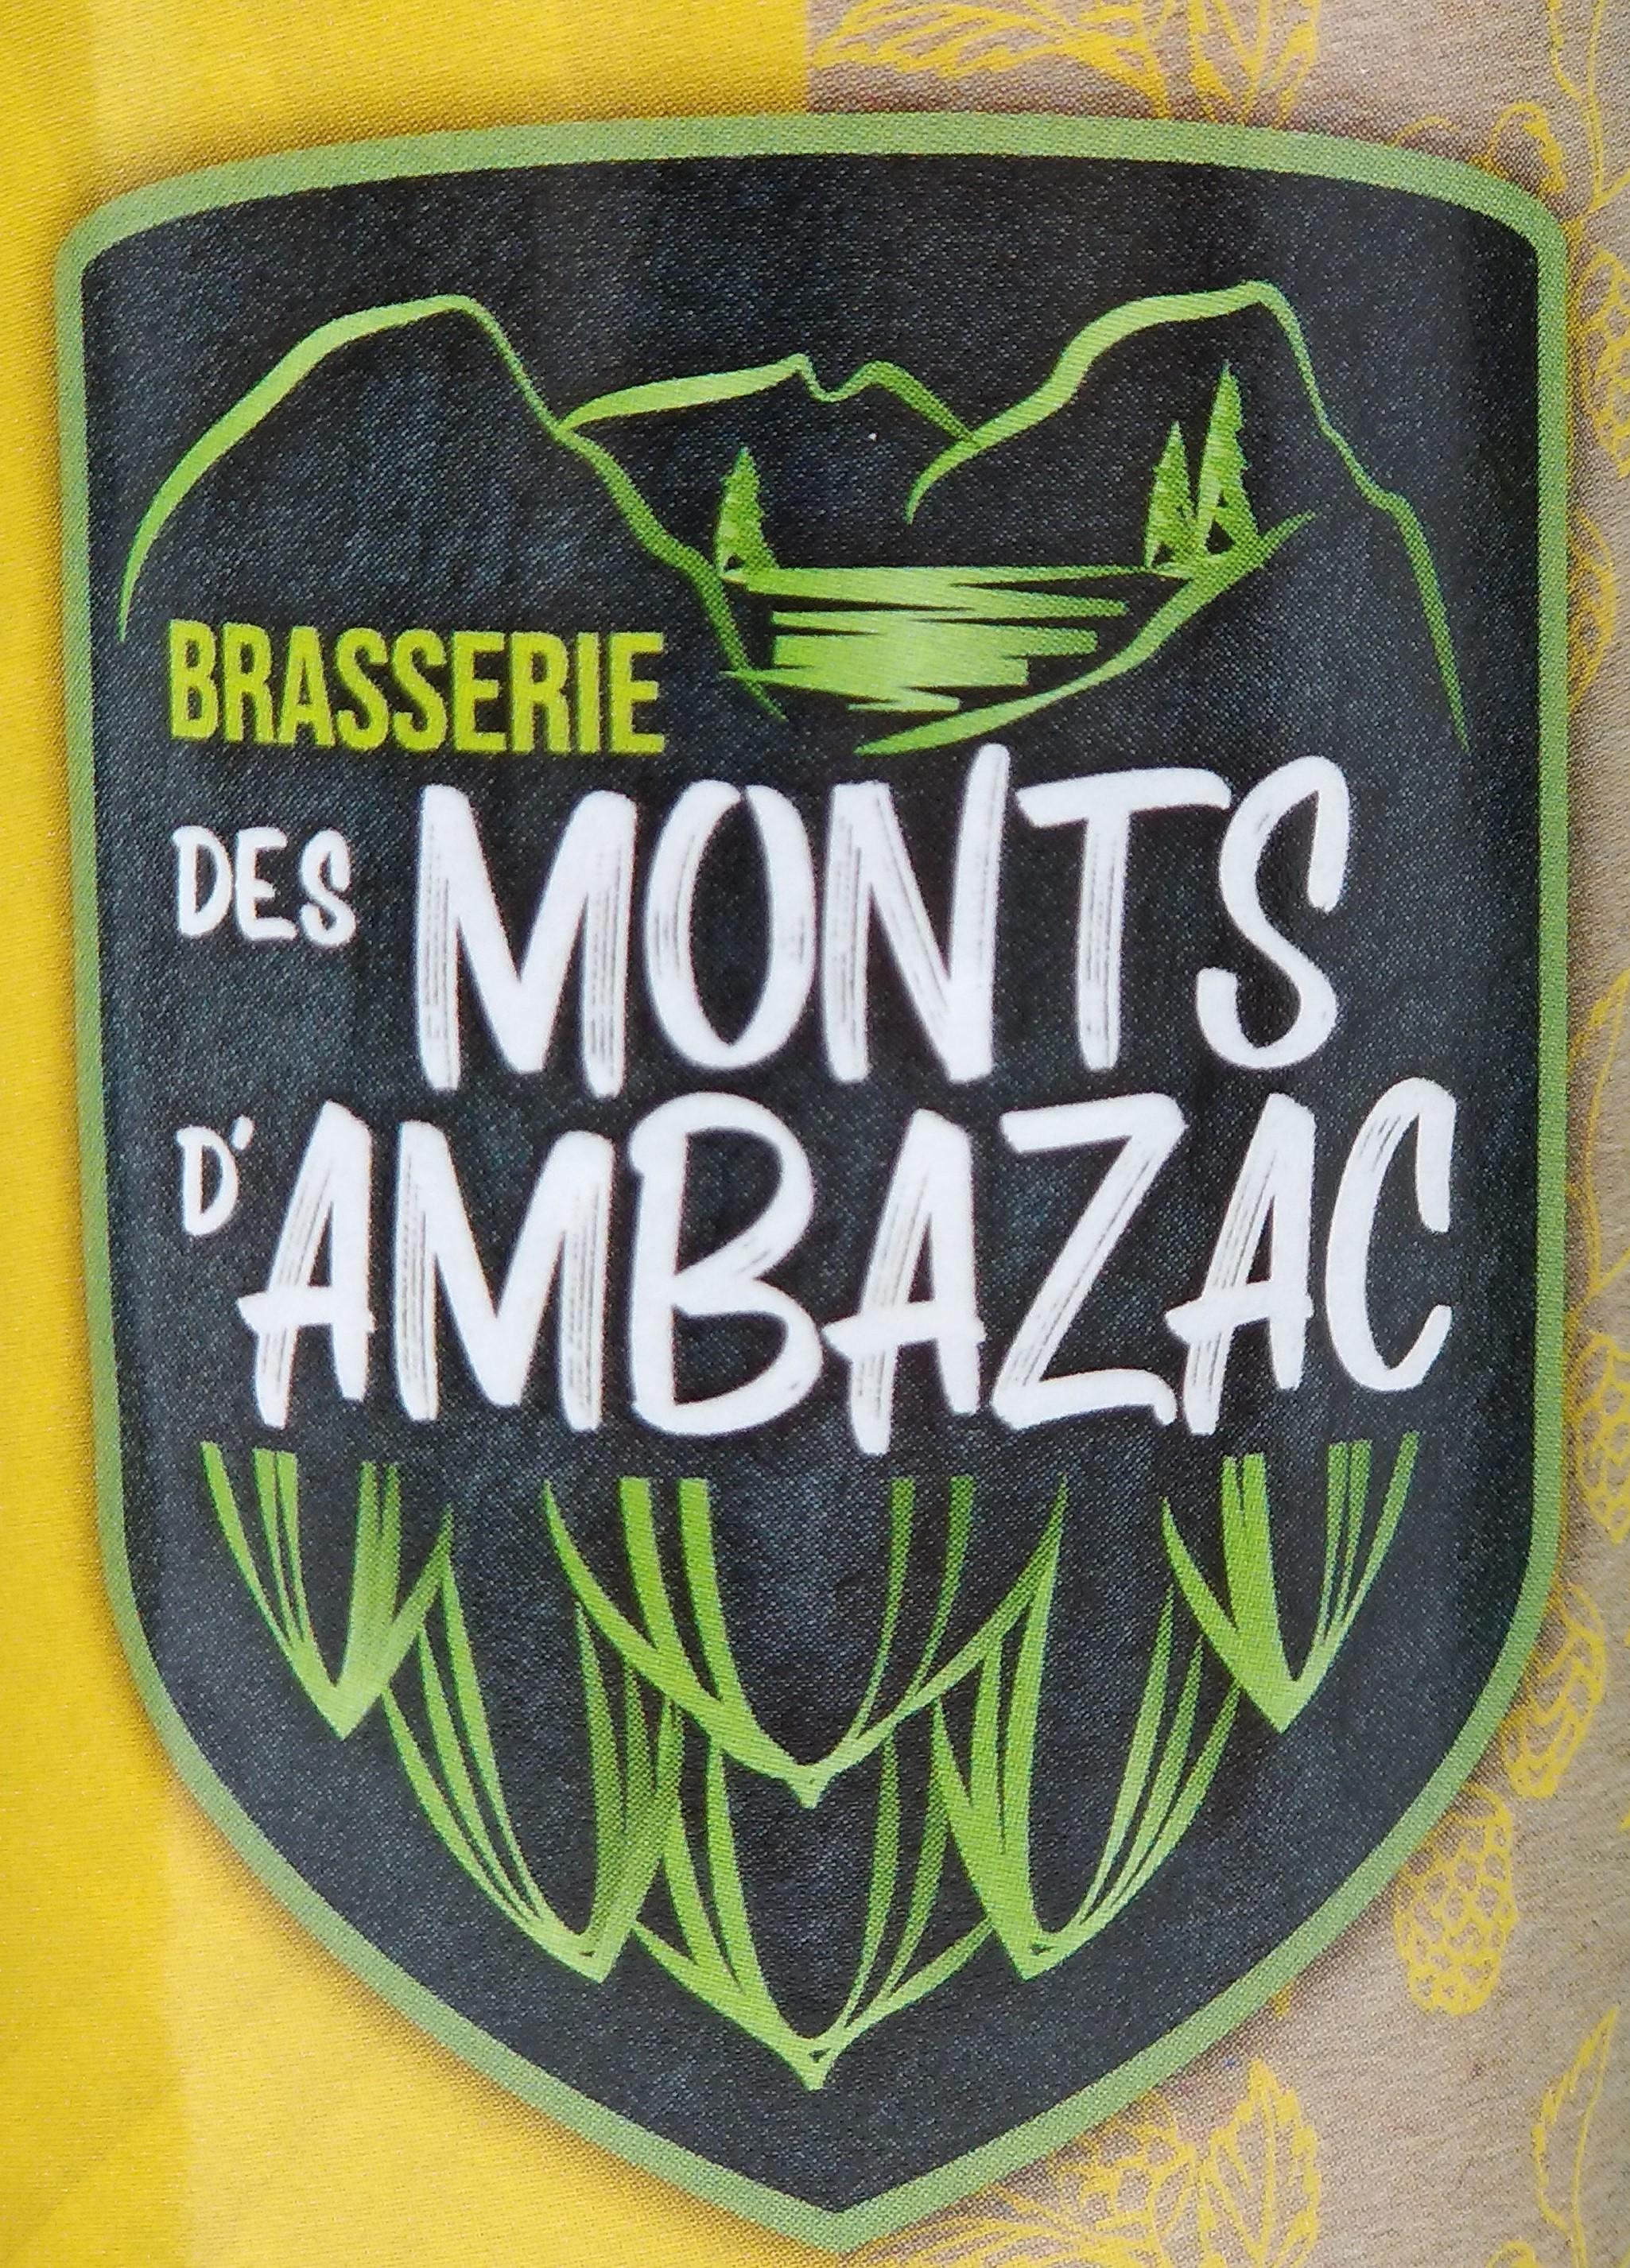 Brasserie des Monts d'Ambazac